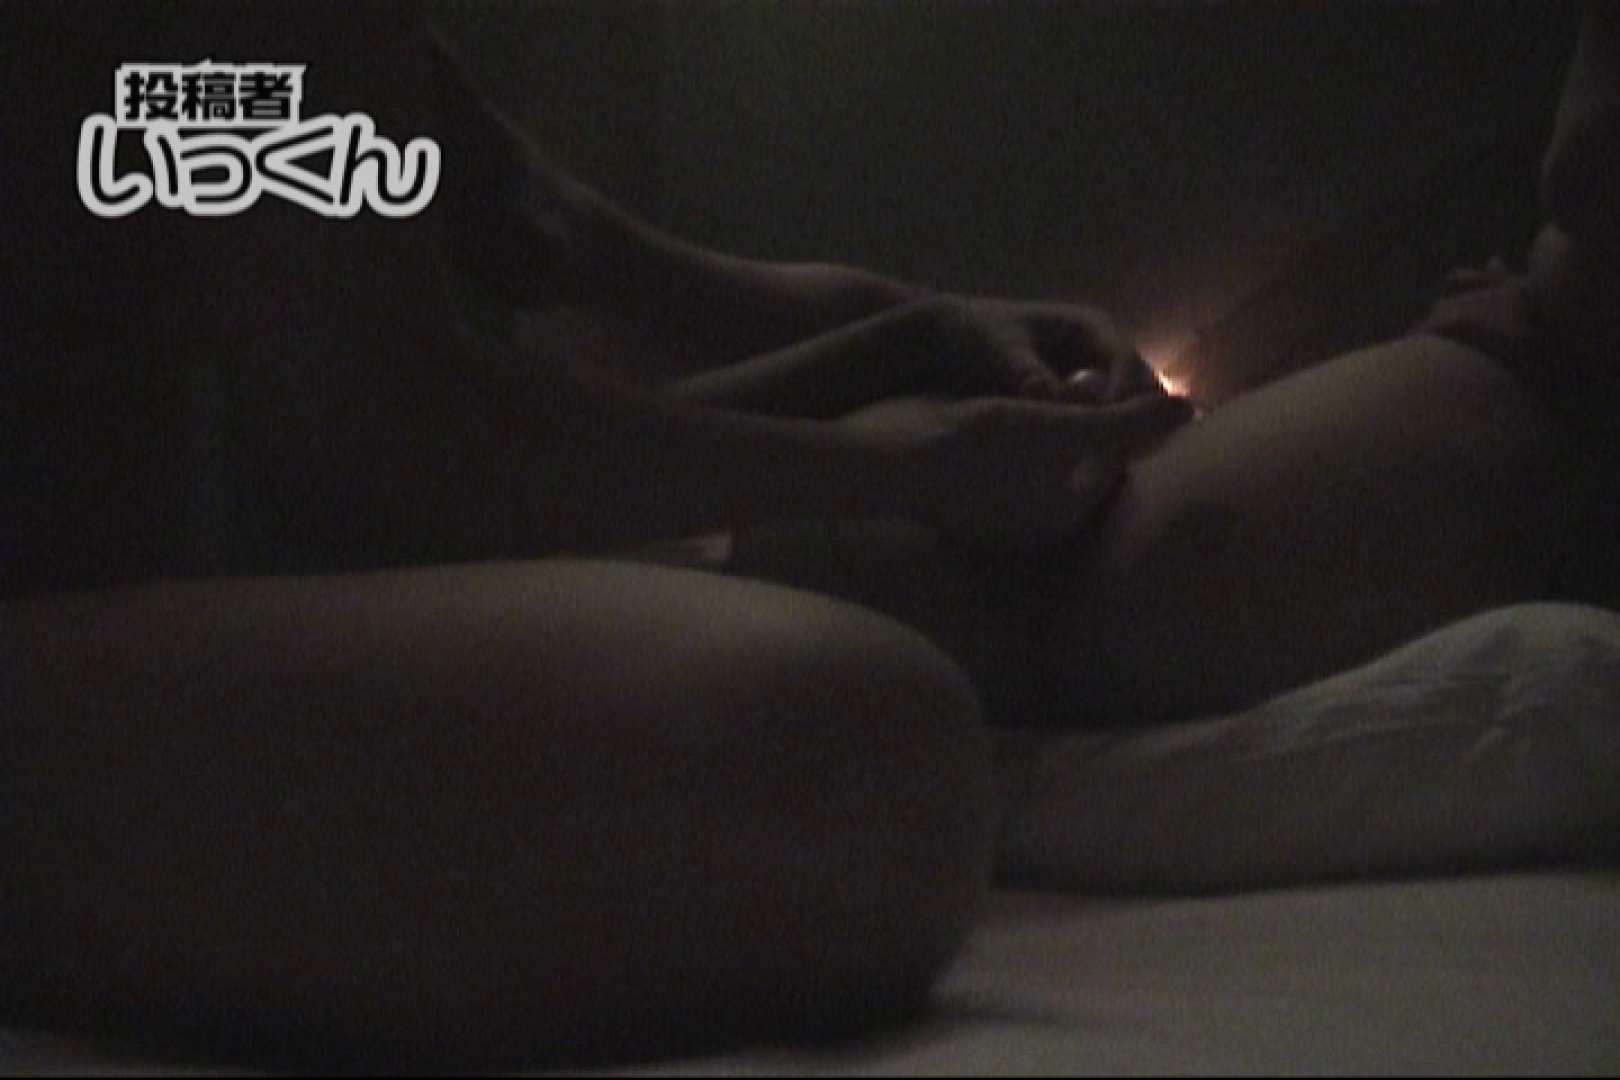 調教師いっくんの 北海道の自衛隊員の彼女24歳えみ 盗撮エロすぎ   0  62連発 10